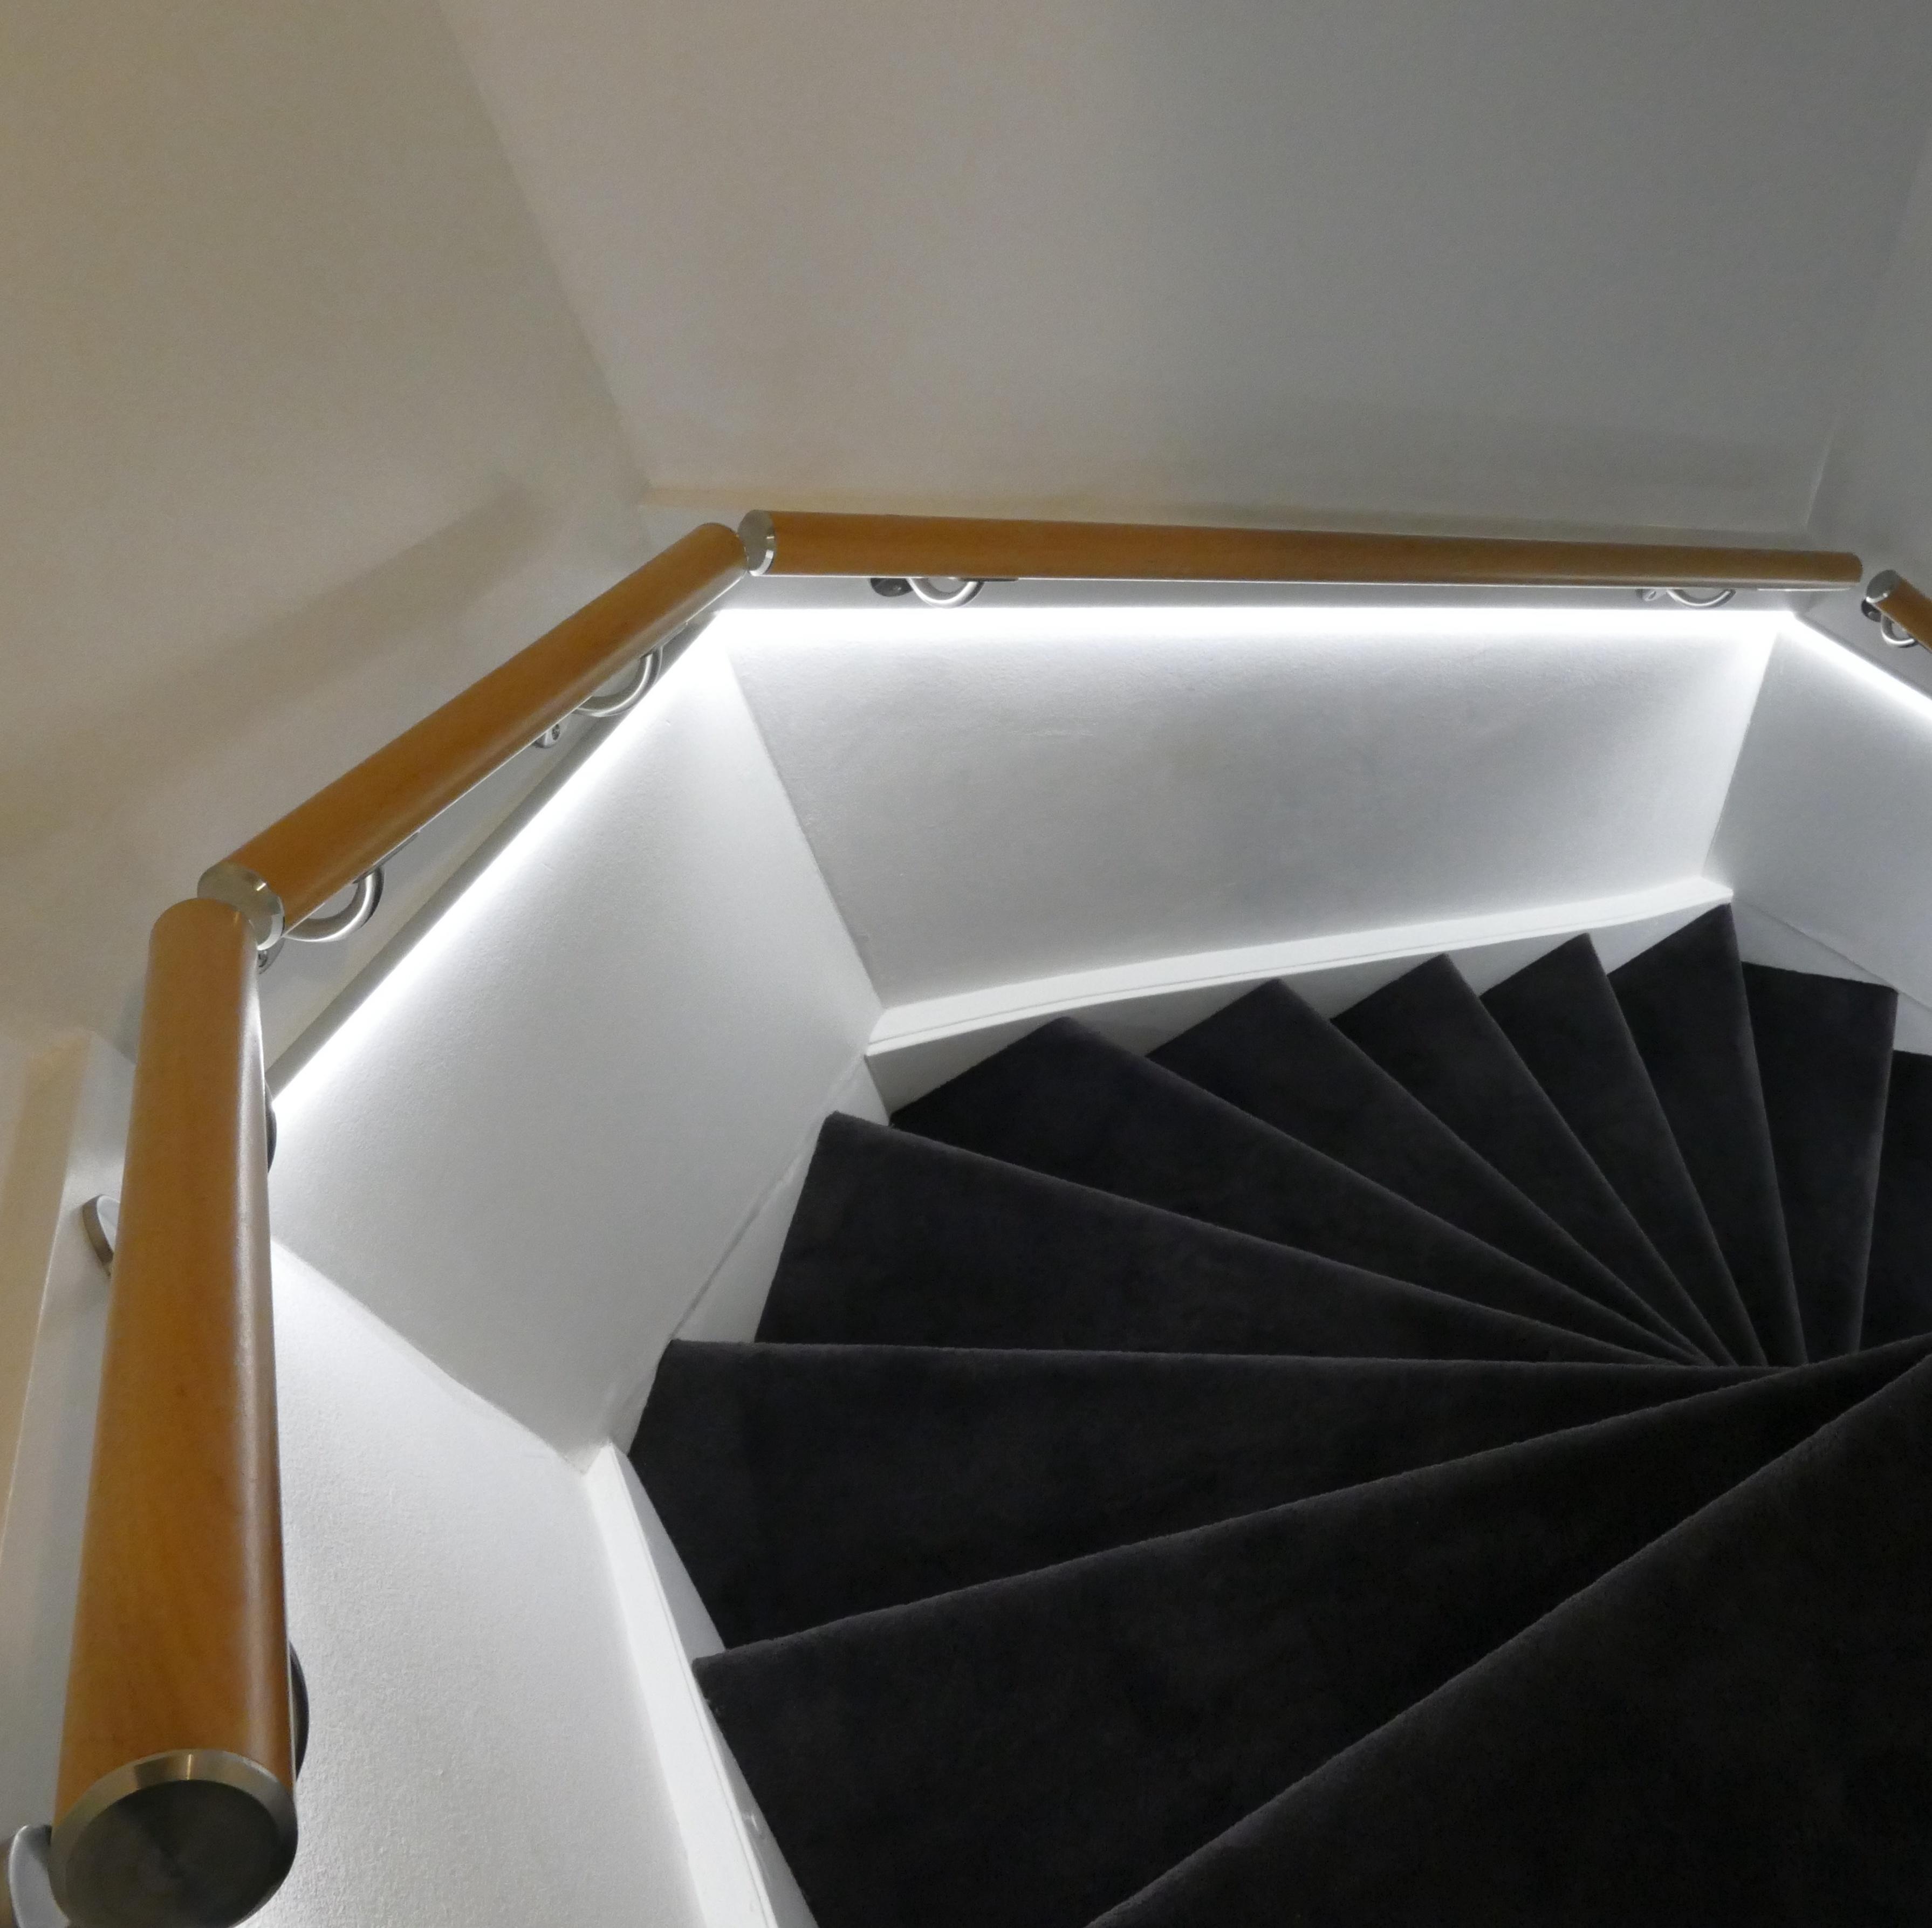 Handlauf Buche lakiert rund Modell 2 - Runde Treppengeländer - Treppenhandlauf aus lakierten Buchenholz - Copy